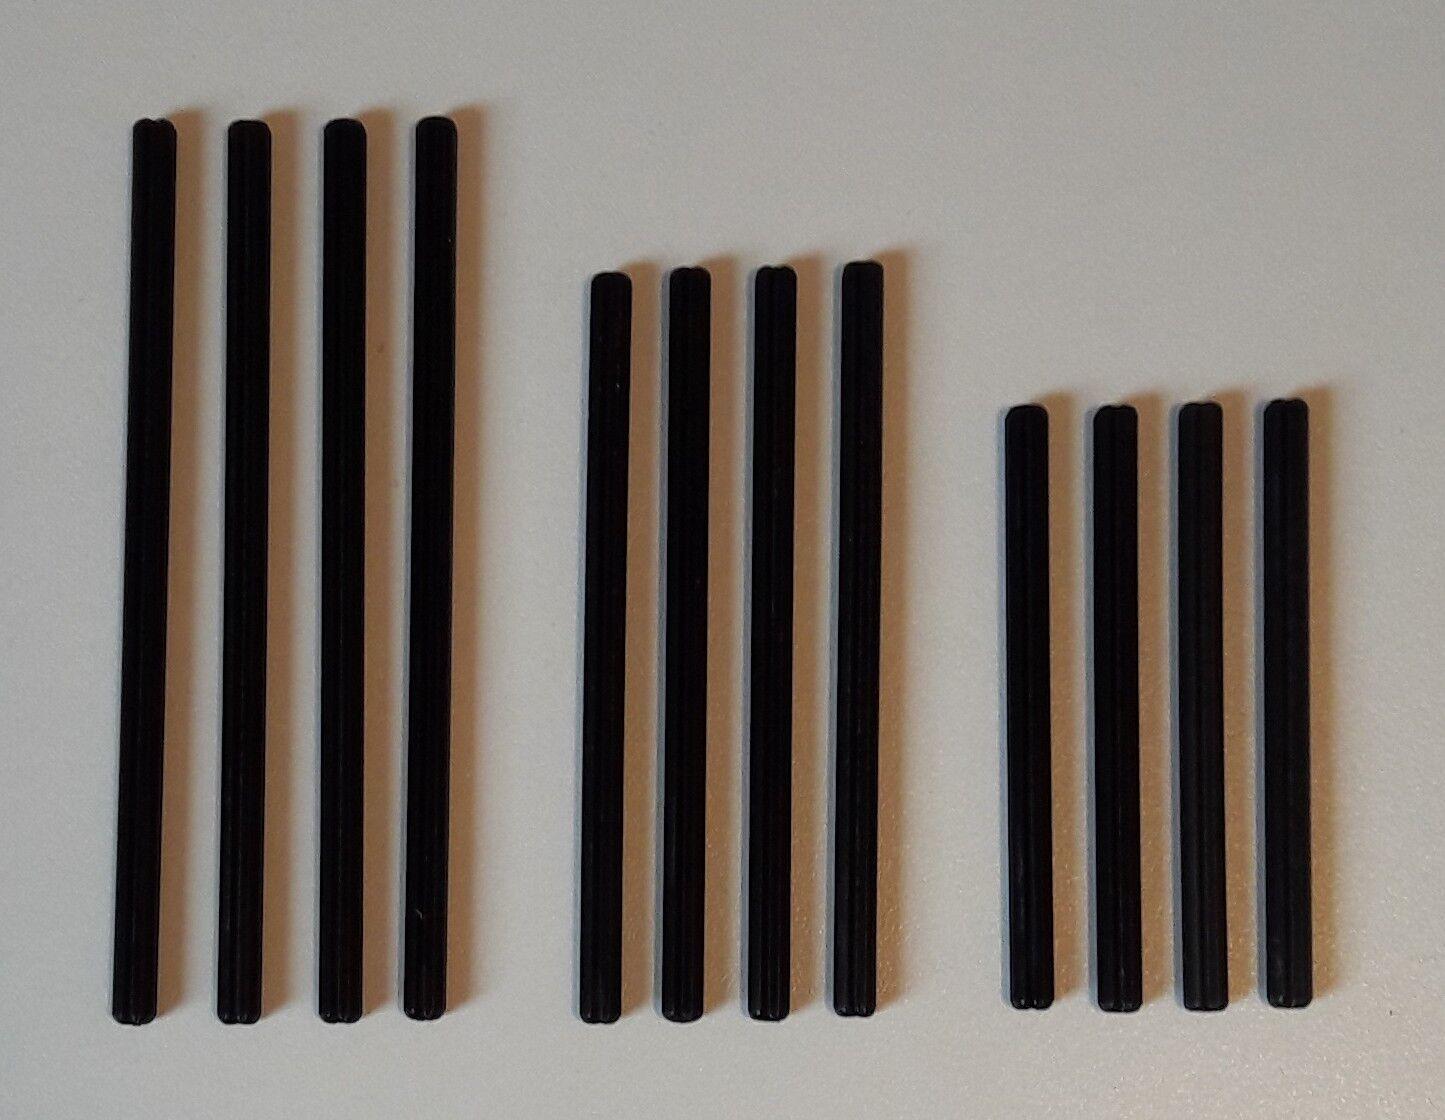 LEGO Technic 12 Croce aste la raccolta Tecnologia 10033 per 4 lunghezze 8 10 e 12